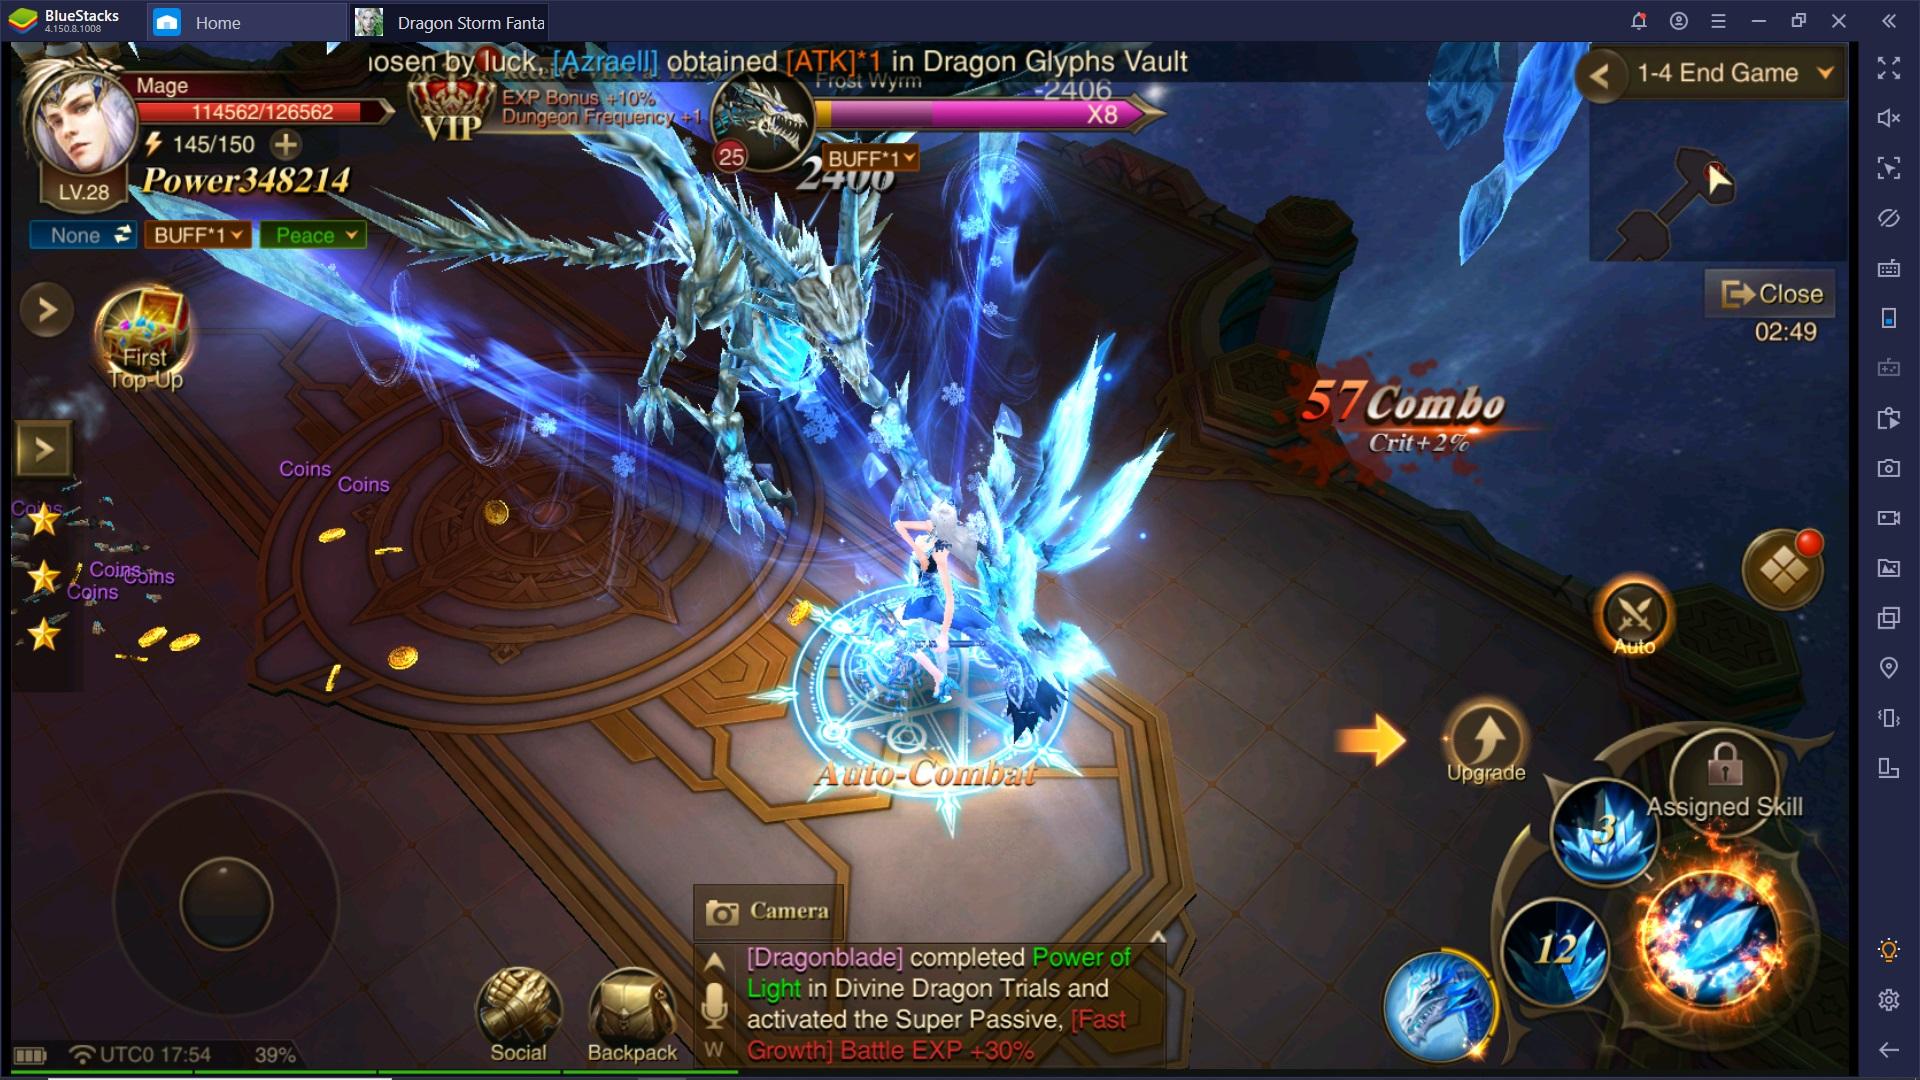 I migliori consigli per cominciare Dragon Storm Fantasy